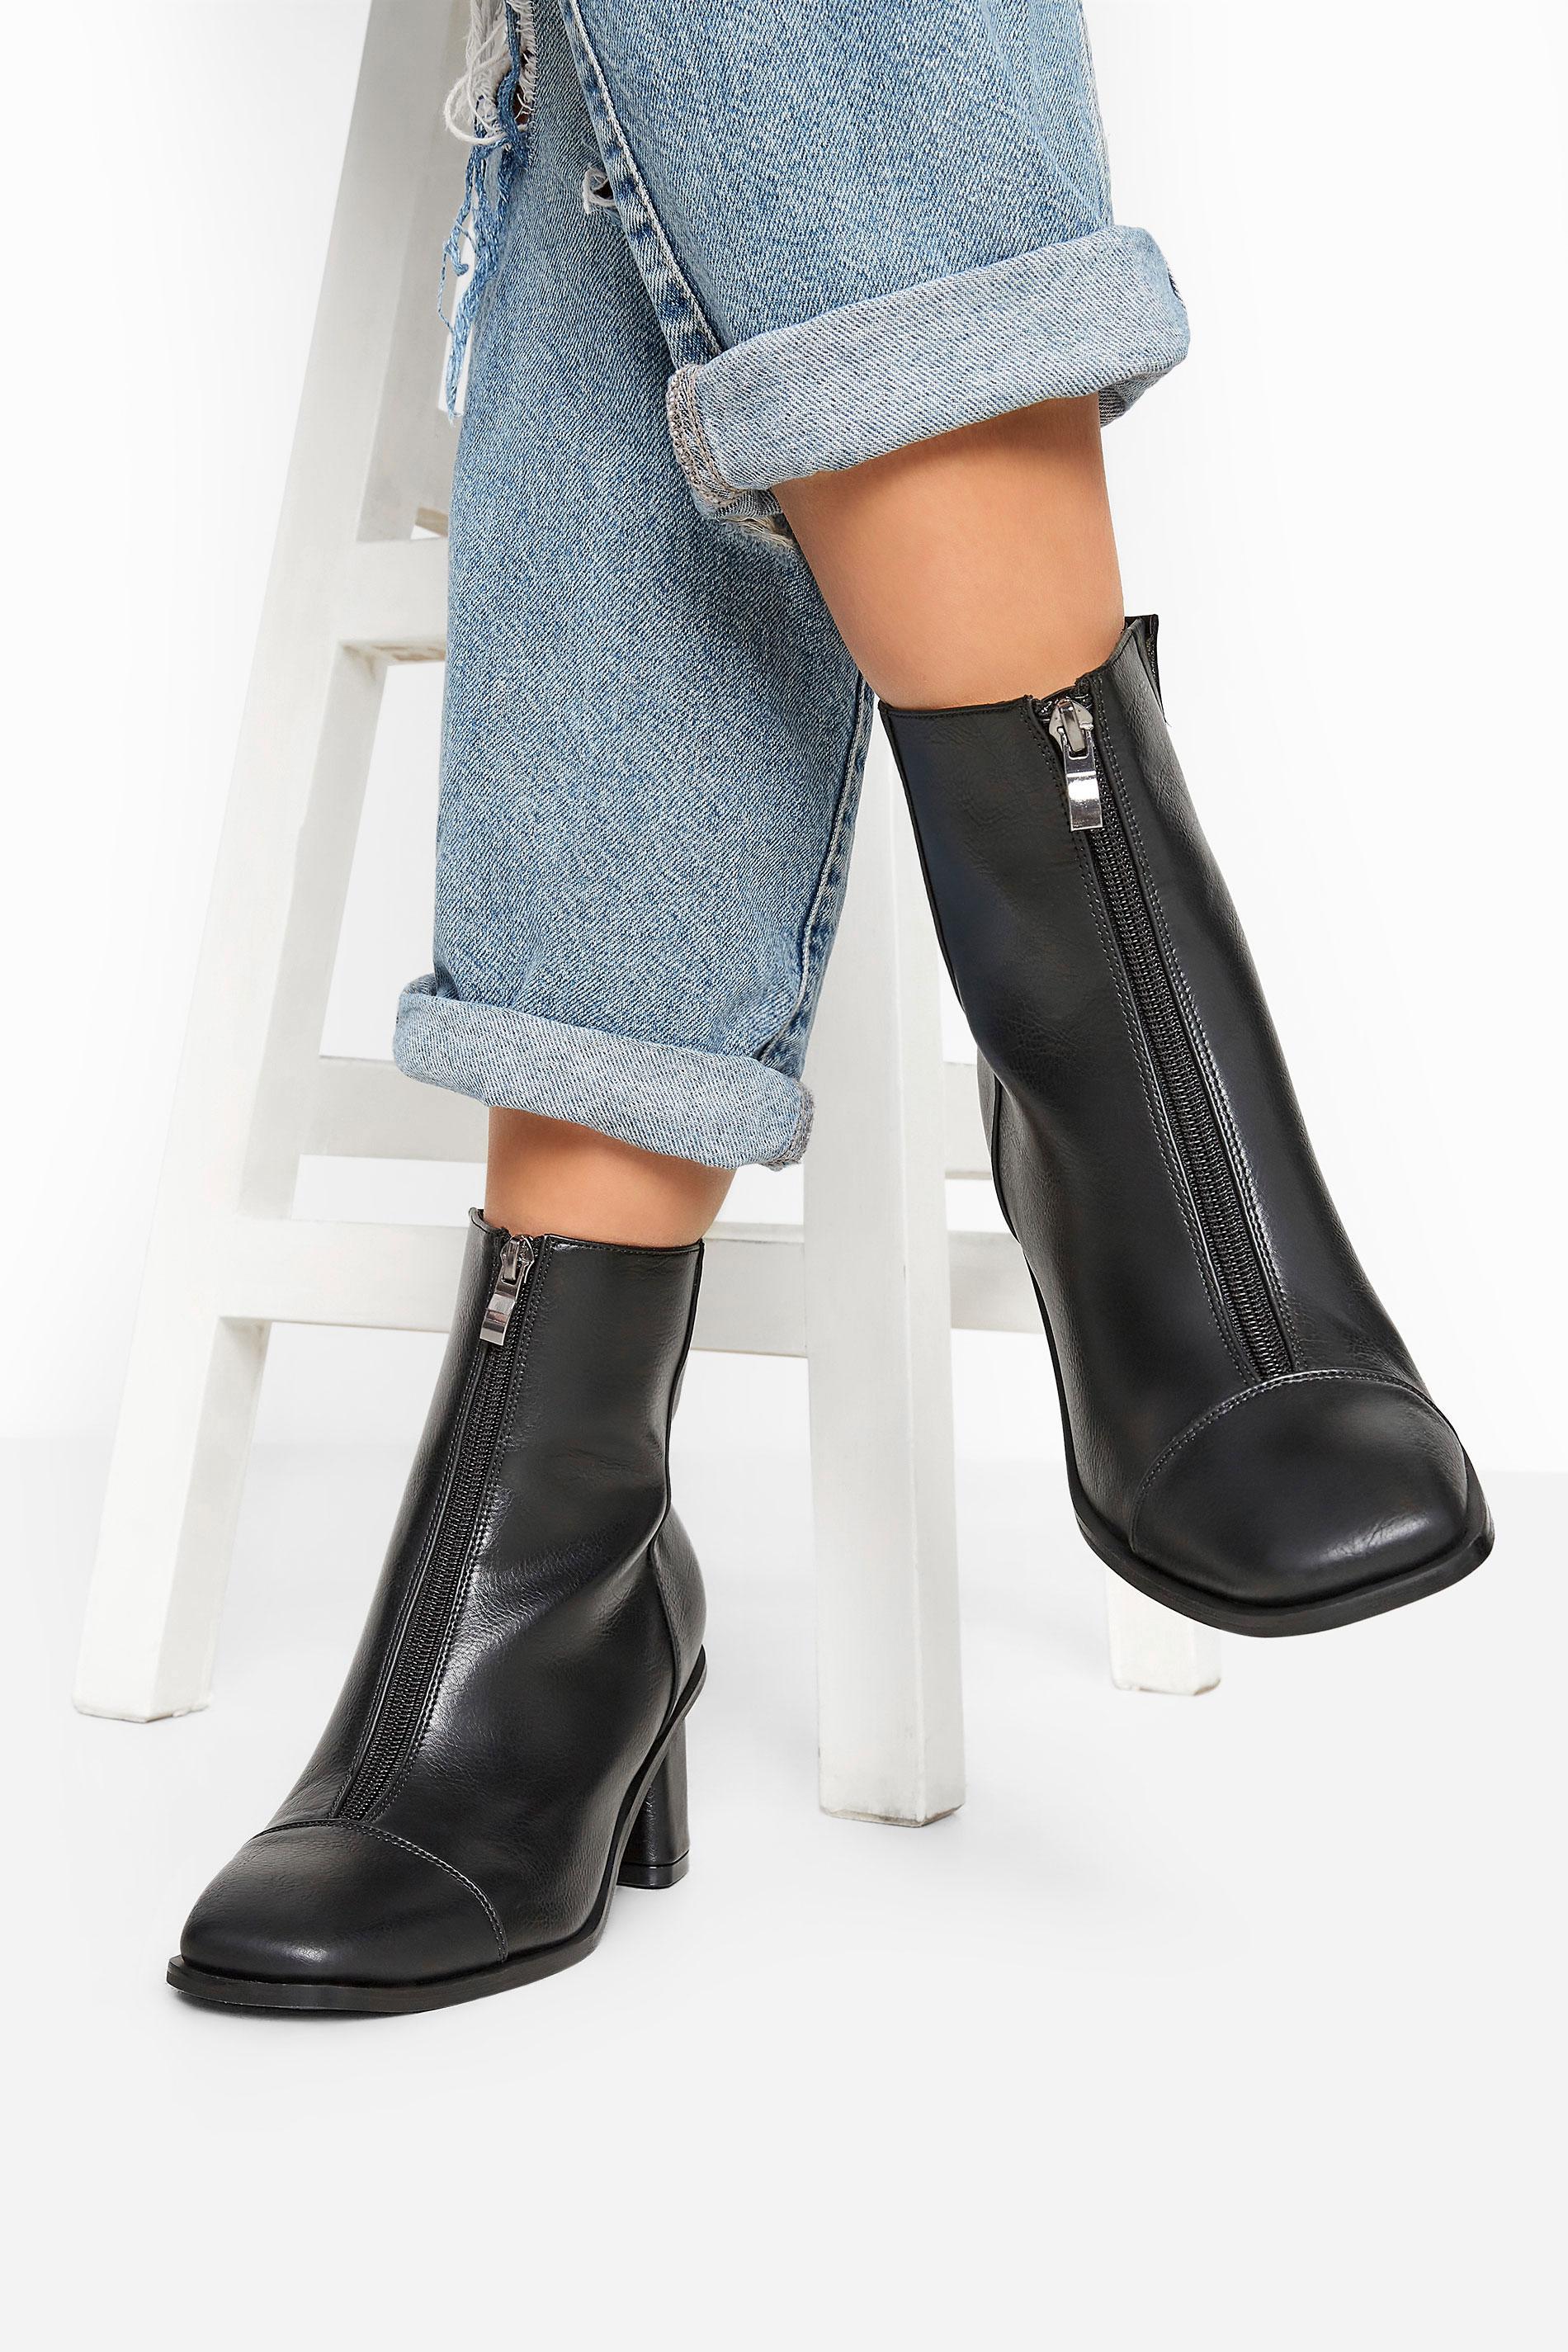 LIMITED COLLECTION - Laarzen met hak en rits aan de voorkant in zwart